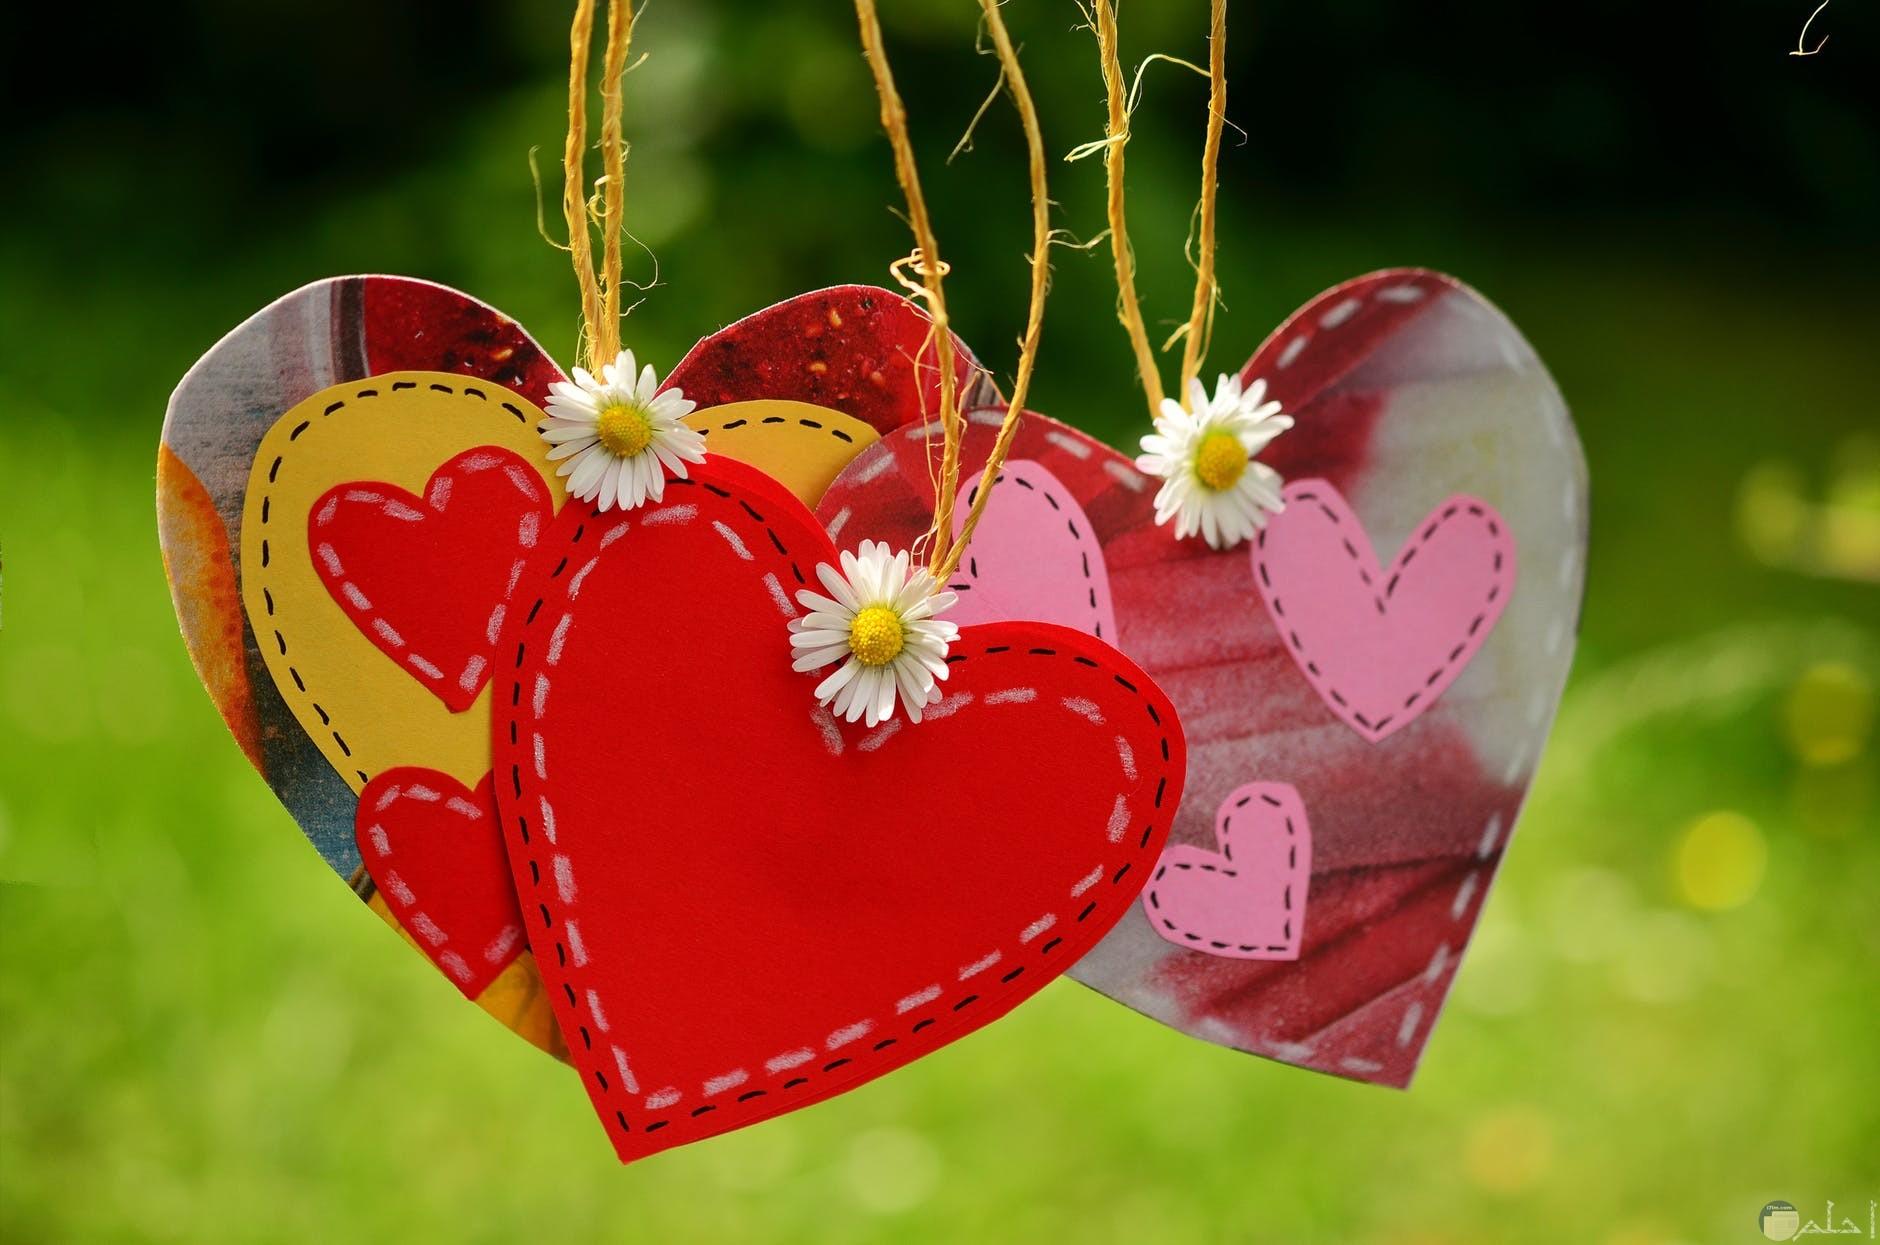 رمزيات القولب الجميلة وما تعبة عن الحب